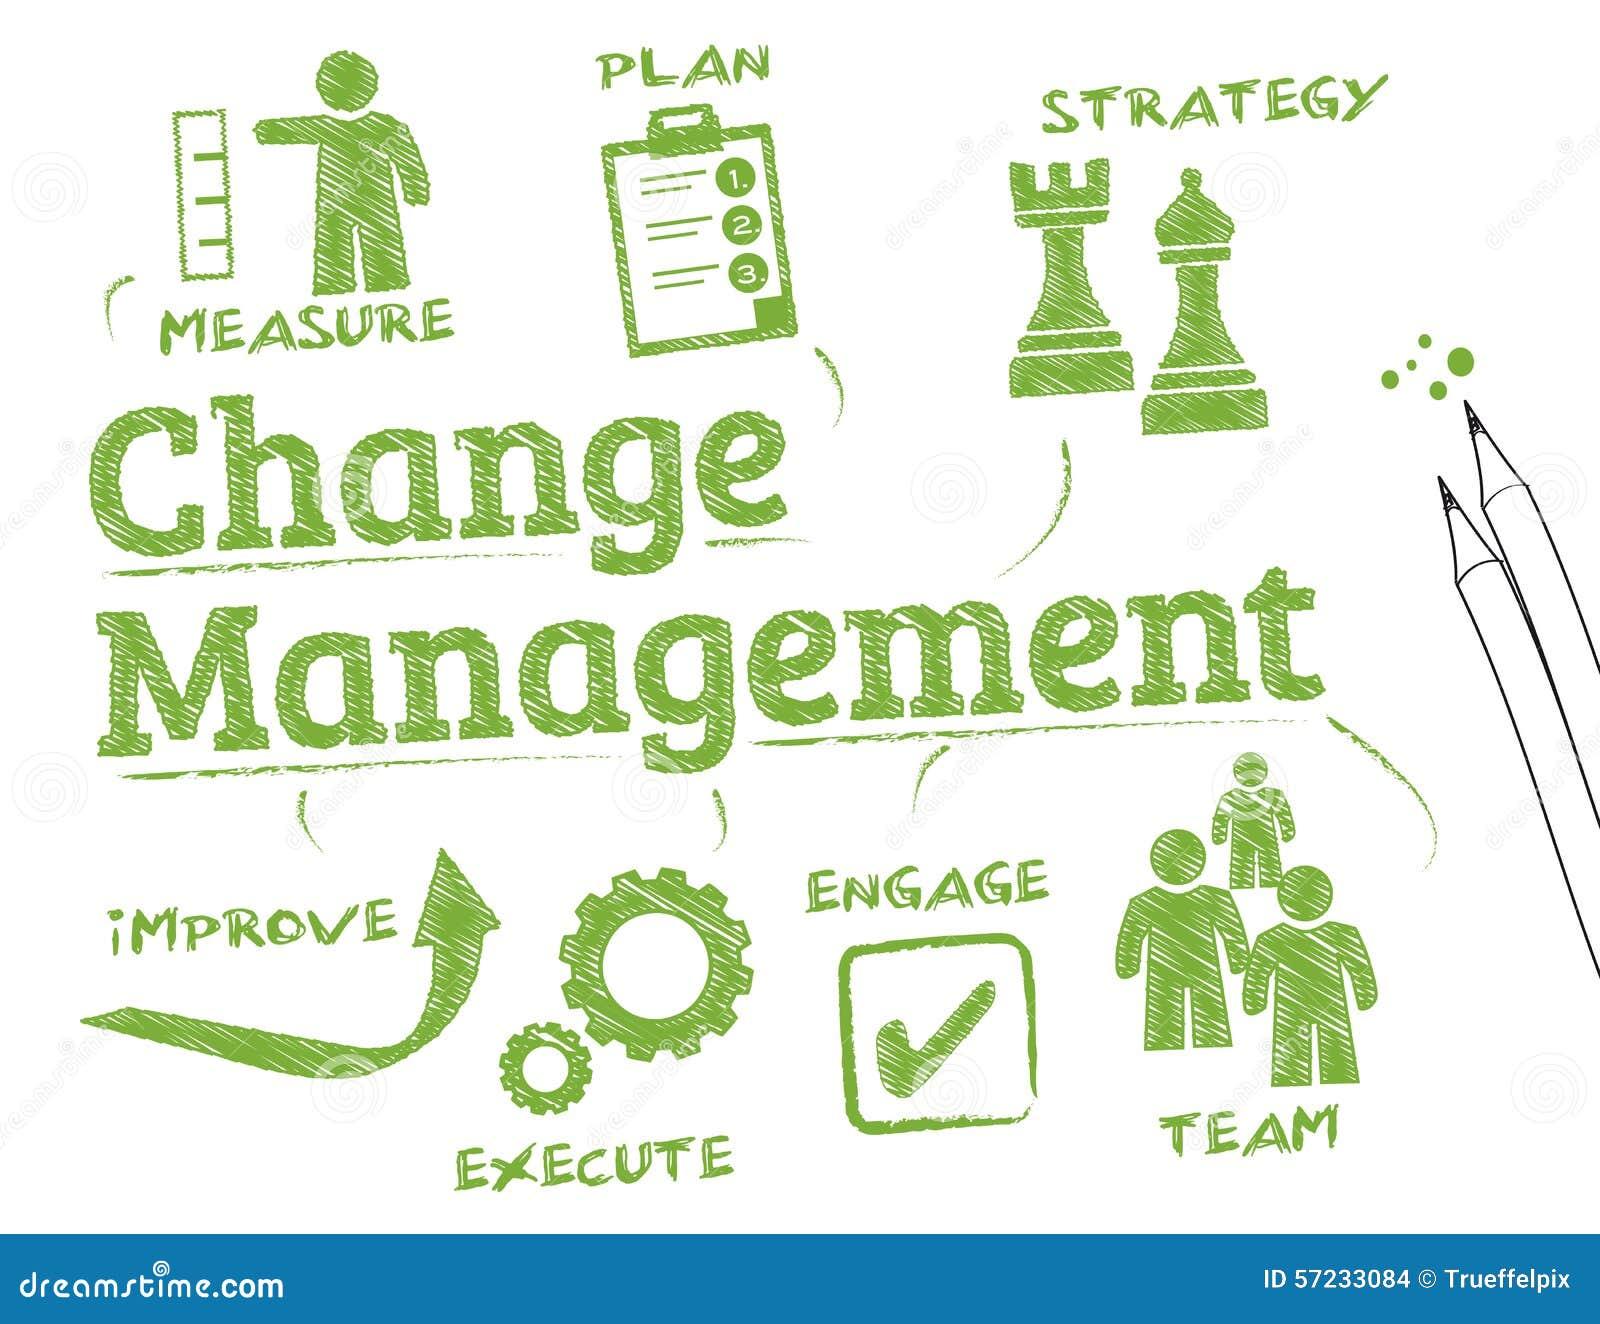 Mude a gerência